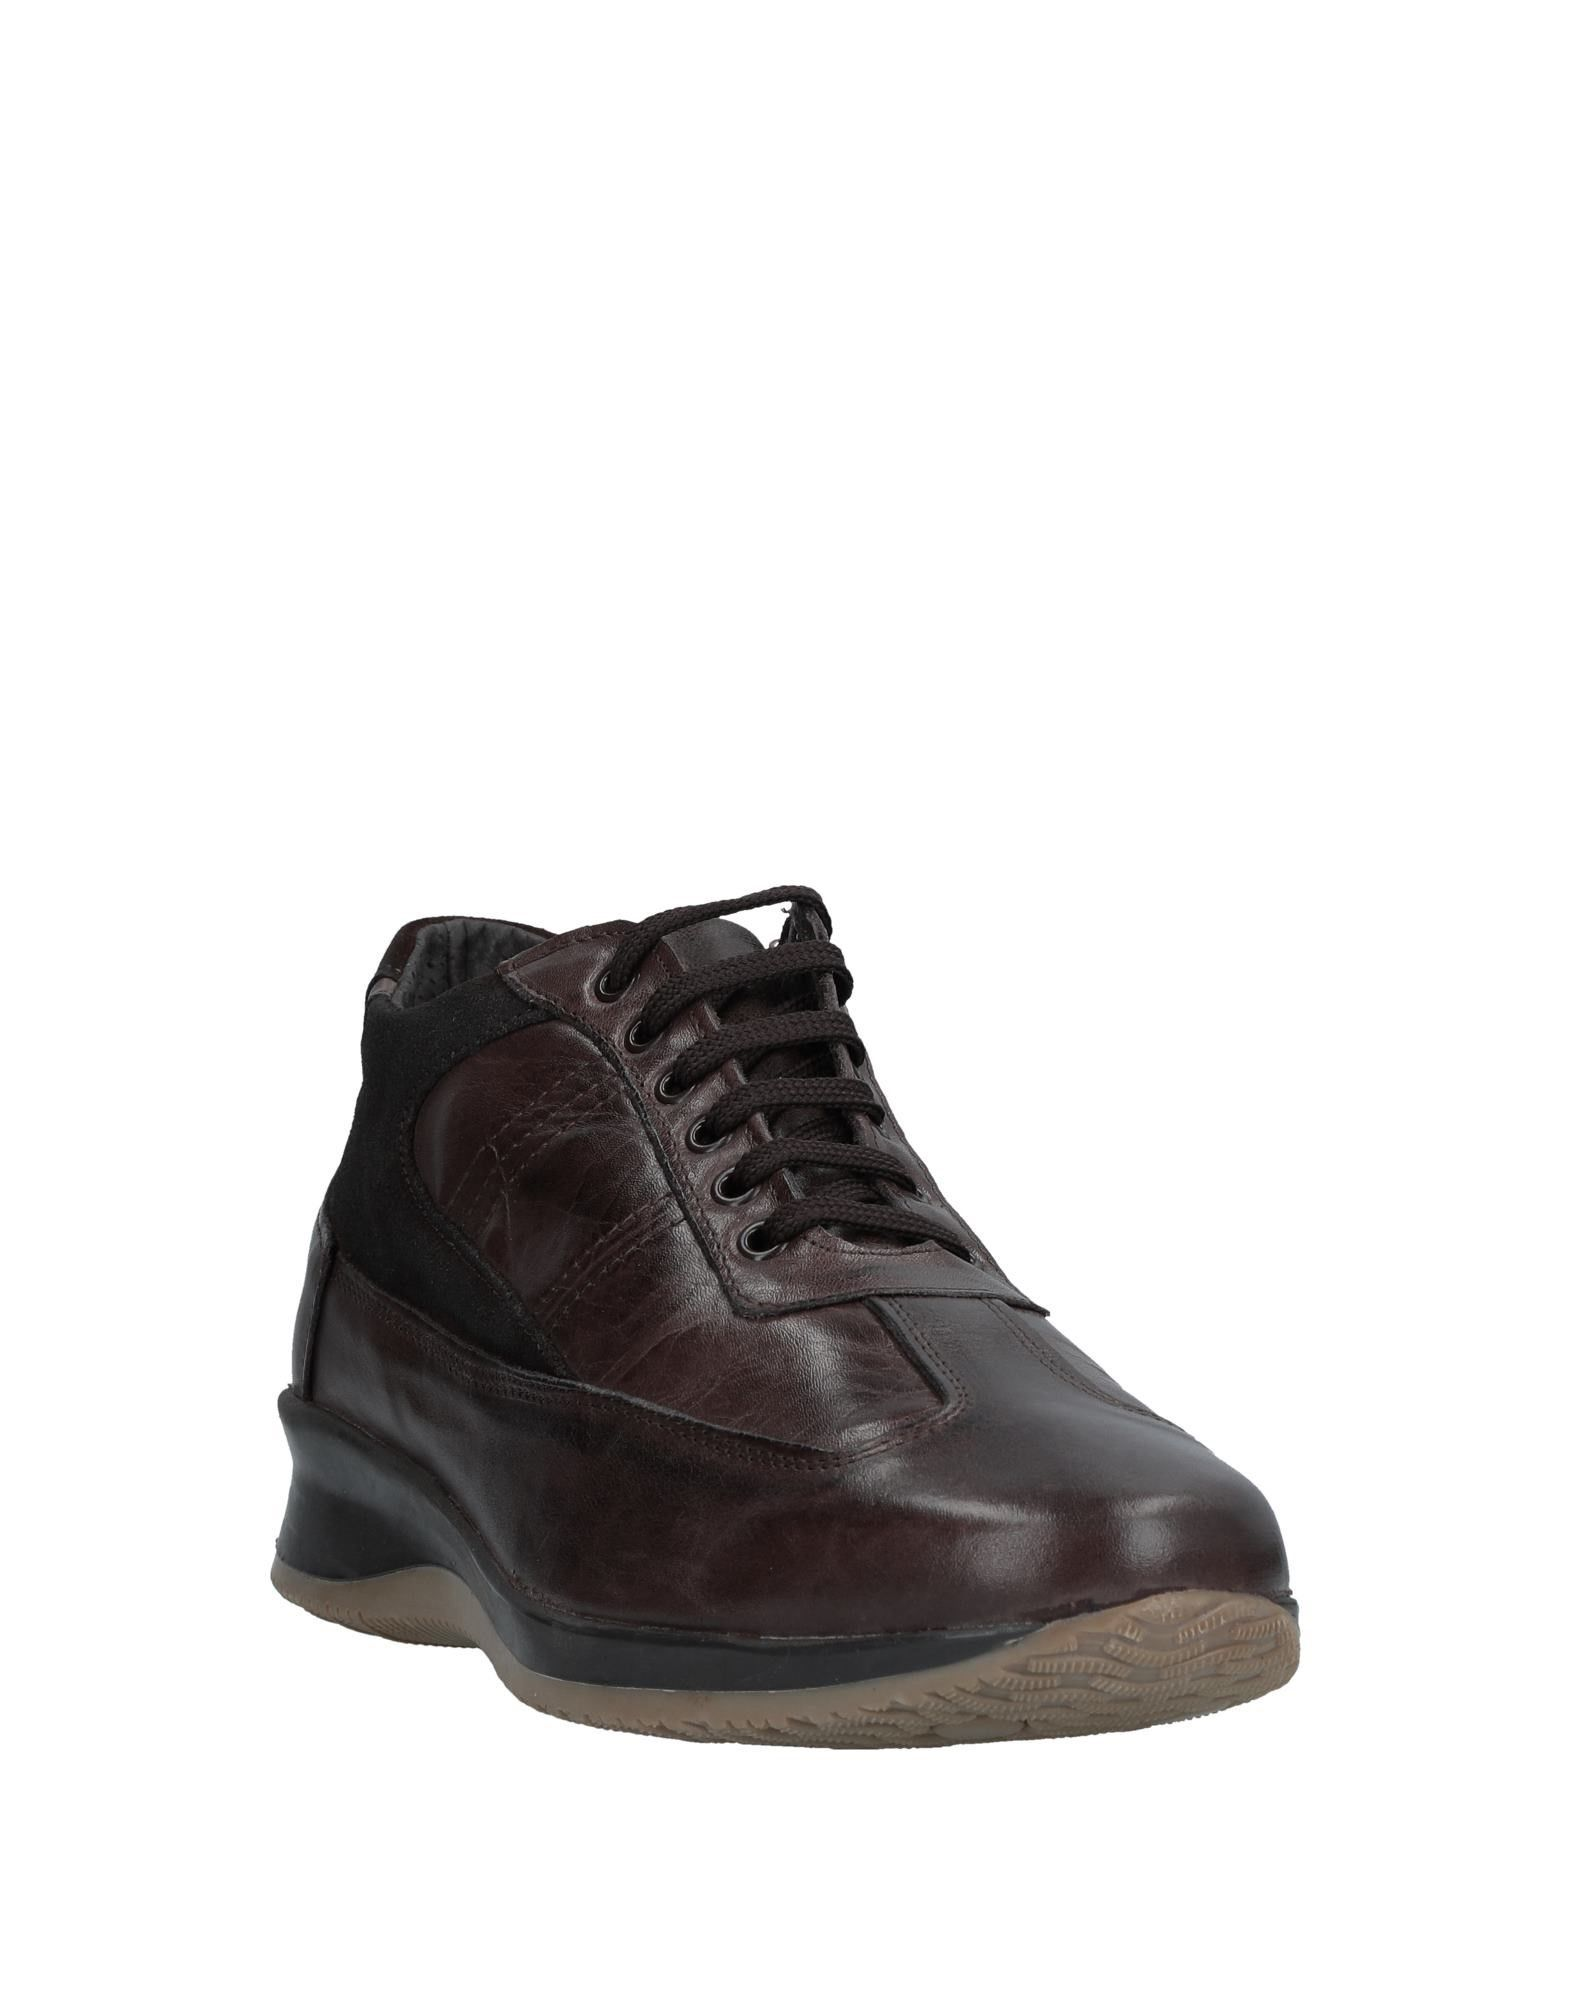 Roberto  Della Croce Sneakers Herren  Roberto 11527323LP 53ad7e